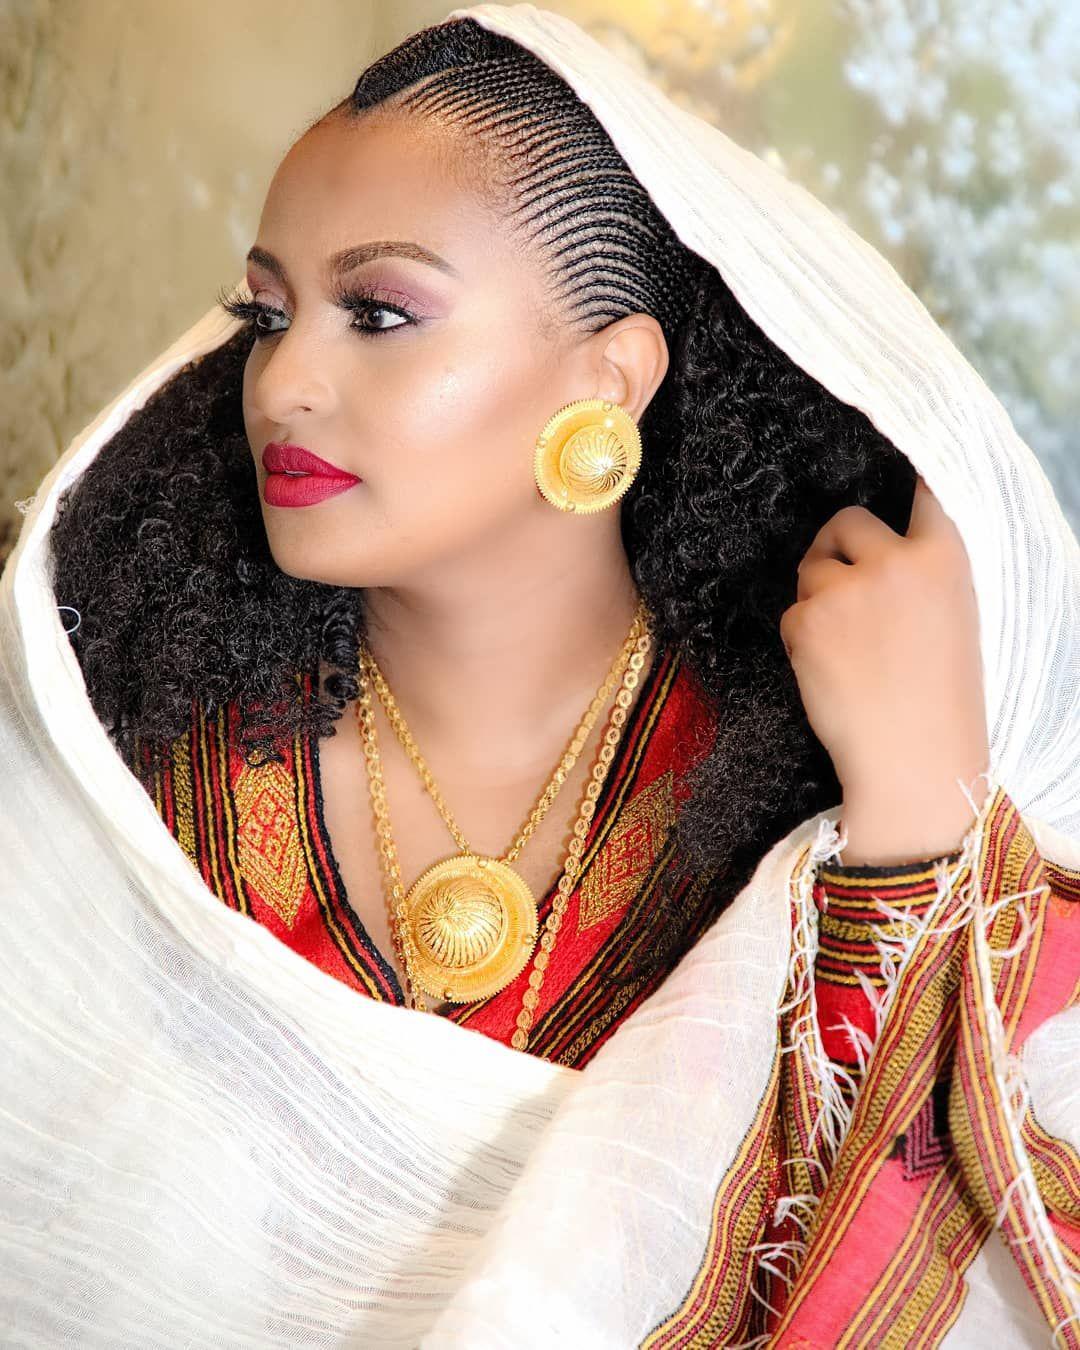 instagram | ethiopian clothes in 2019 | ethiopian hair